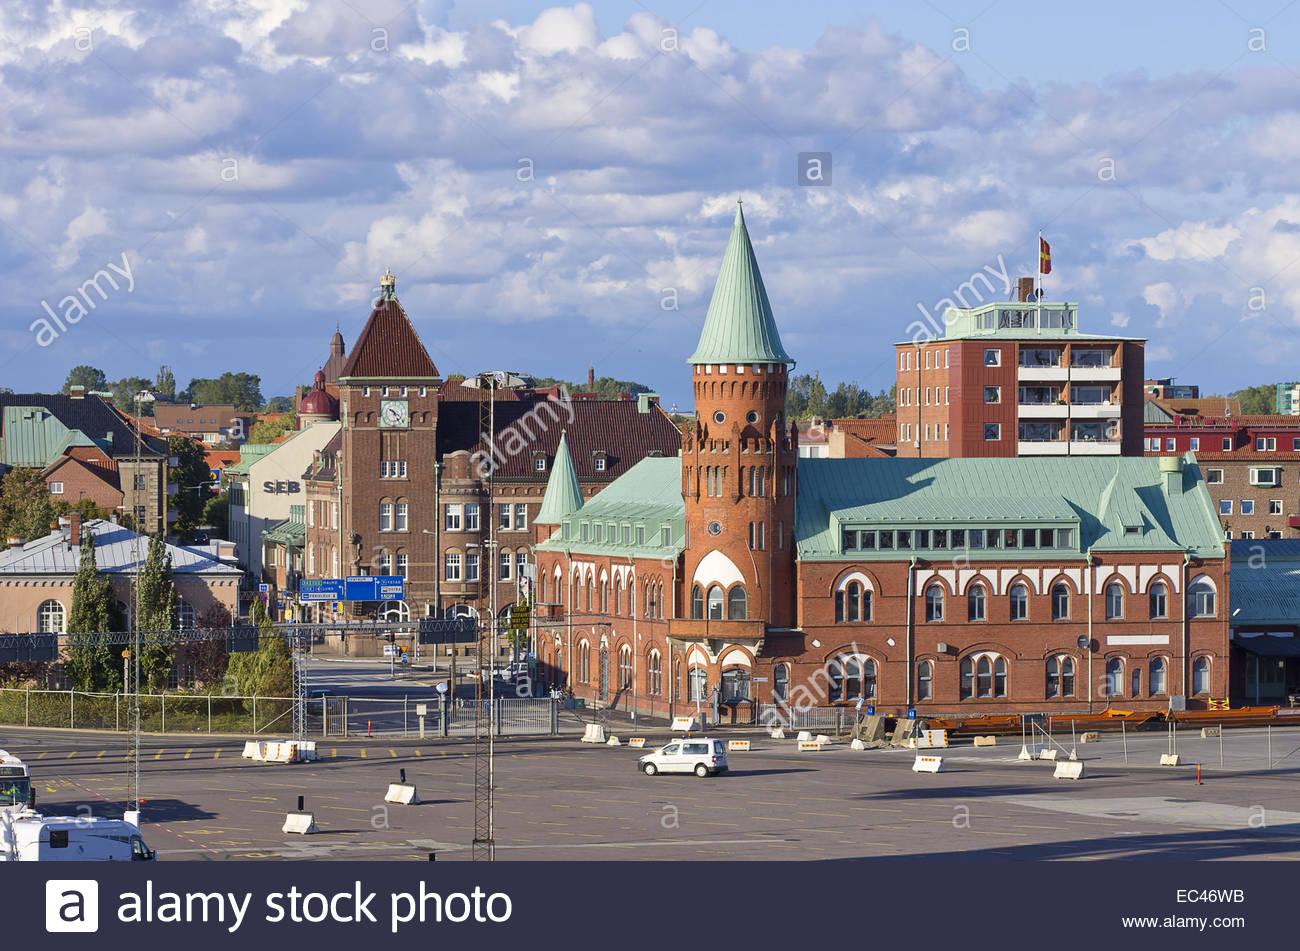 Markante Gebäude in den Hafen von Trelleborg, Schweden Stockbild